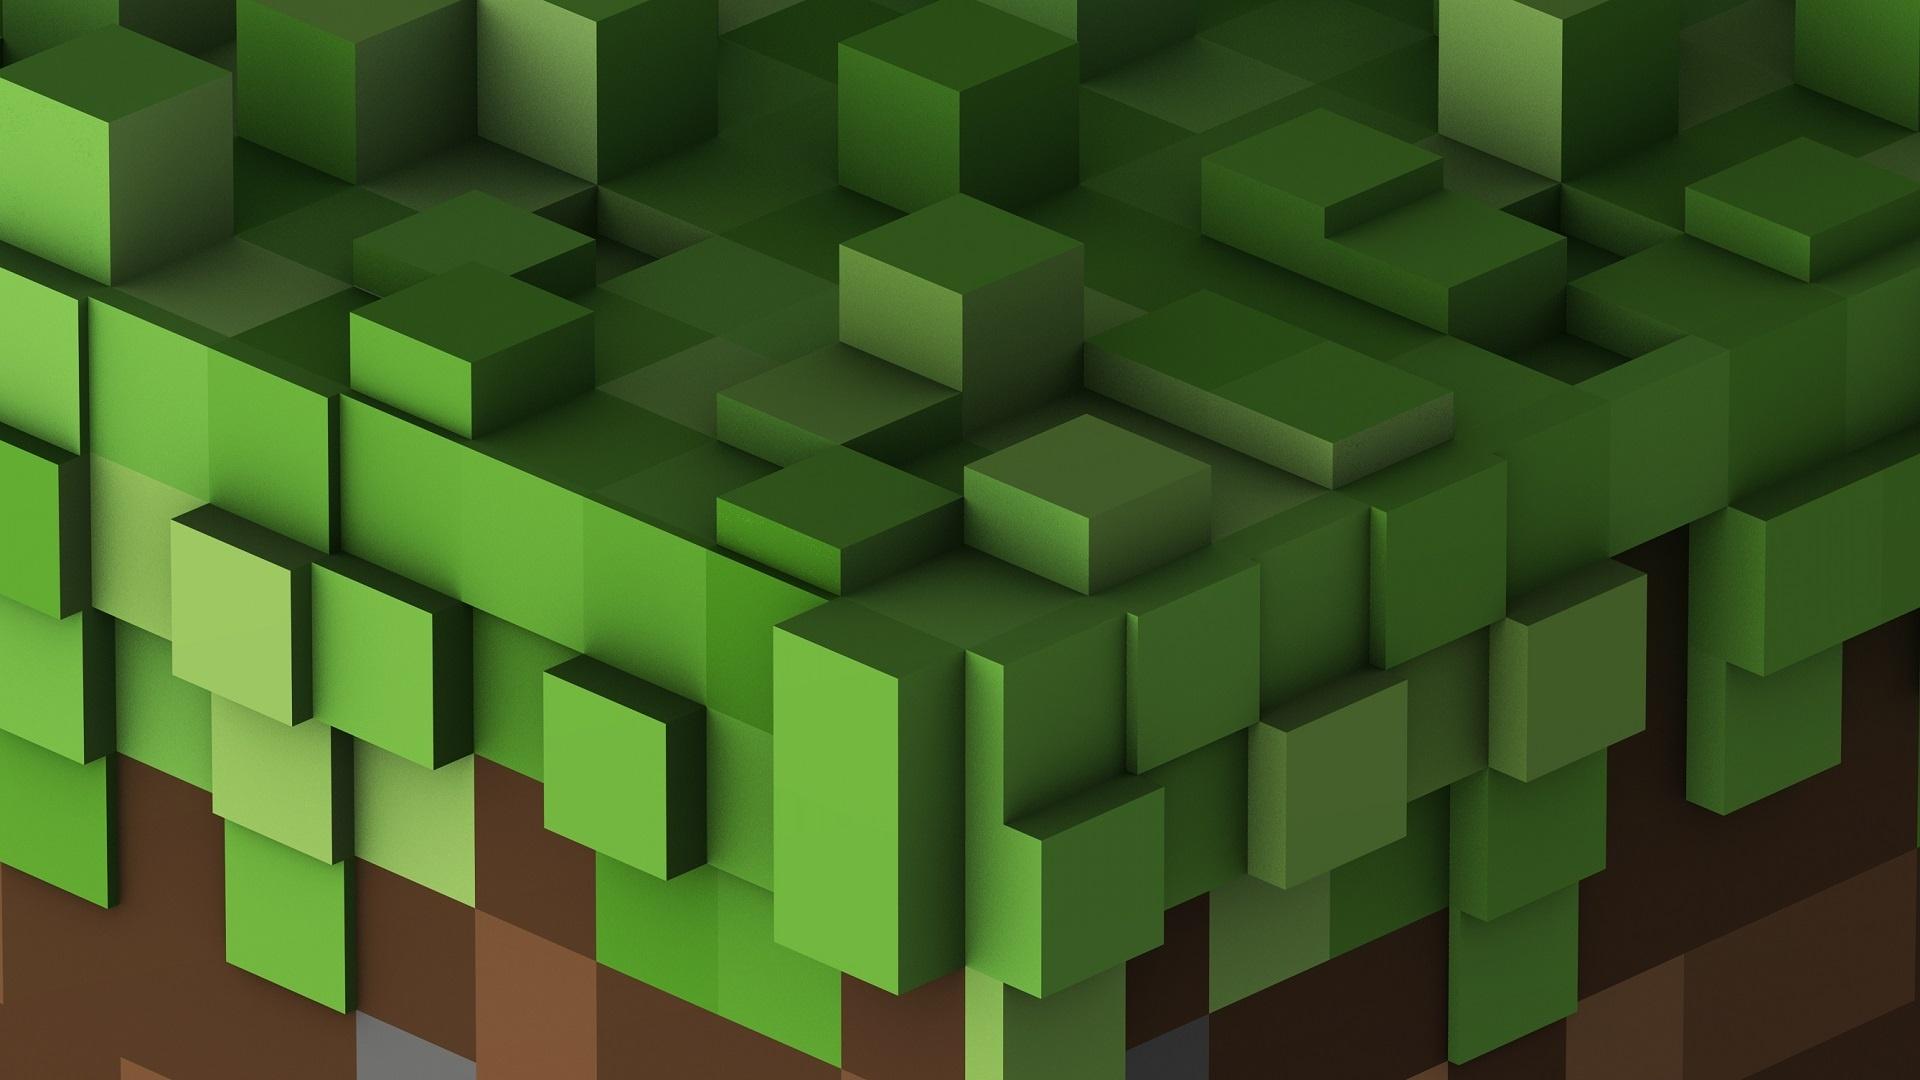 Minecraft free background